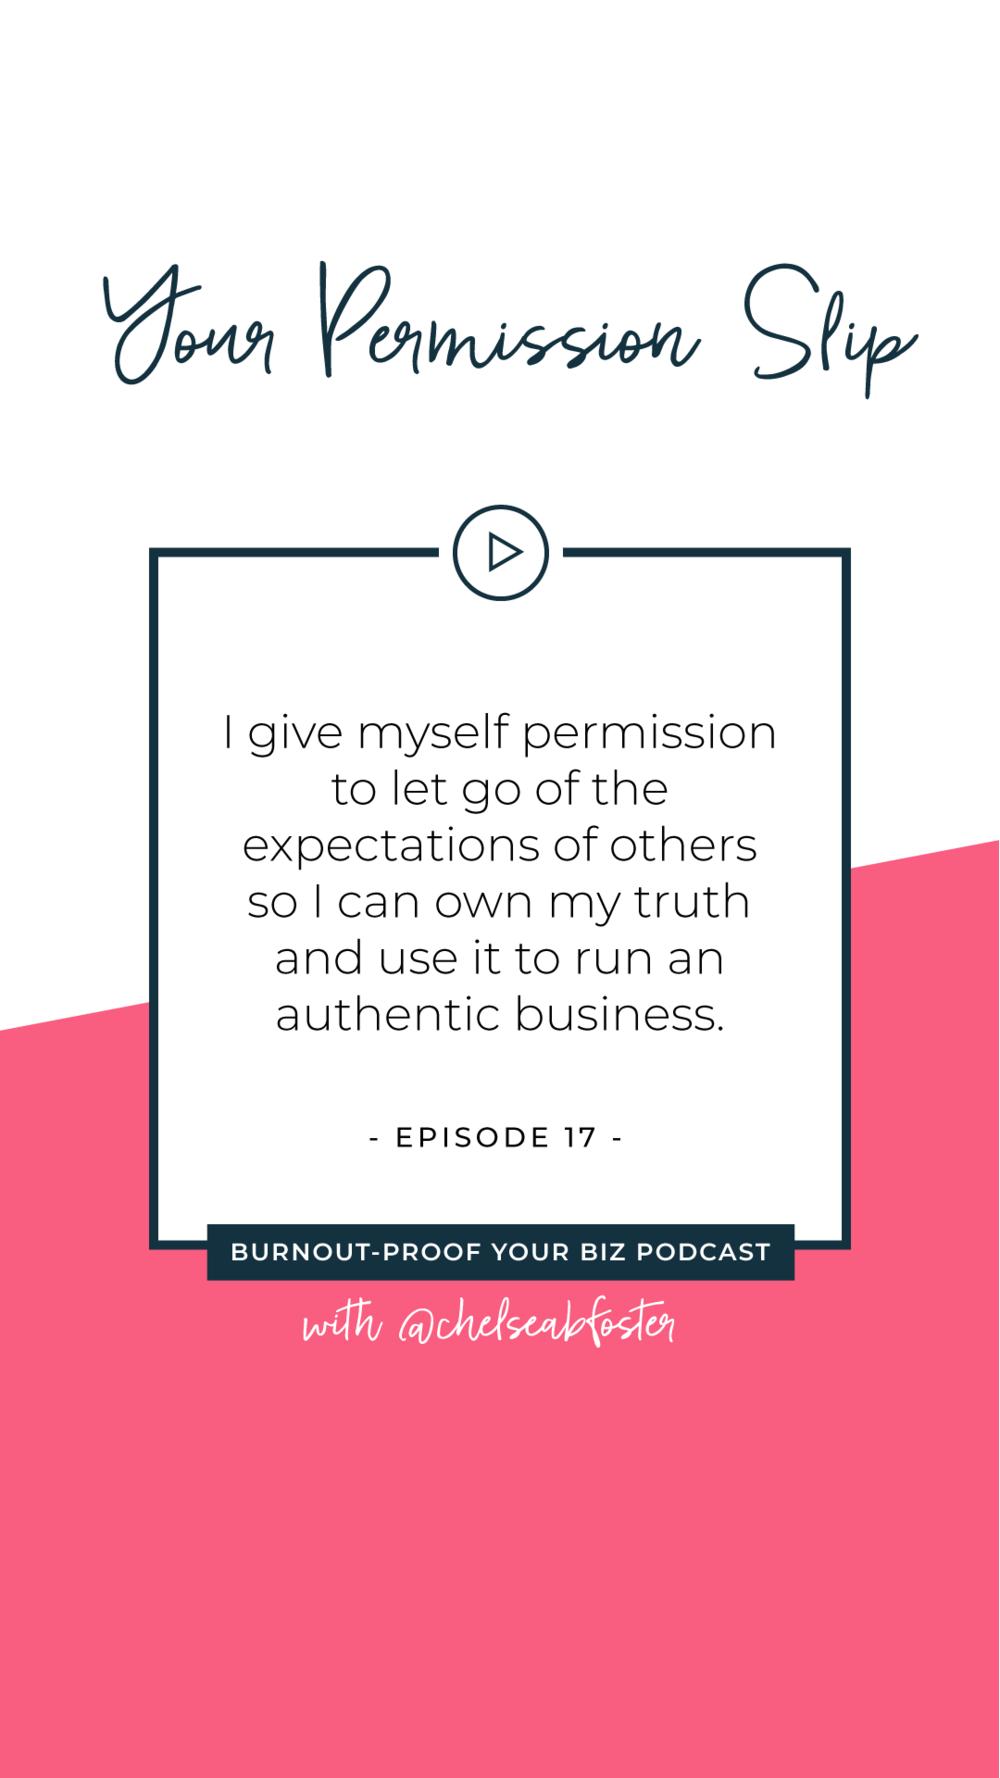 Your Permission Slip | Episode 17 of Burnout-Proof Your Biz with Chelsea B Foster | Listen at www.burnoutproofyourbiz.com.